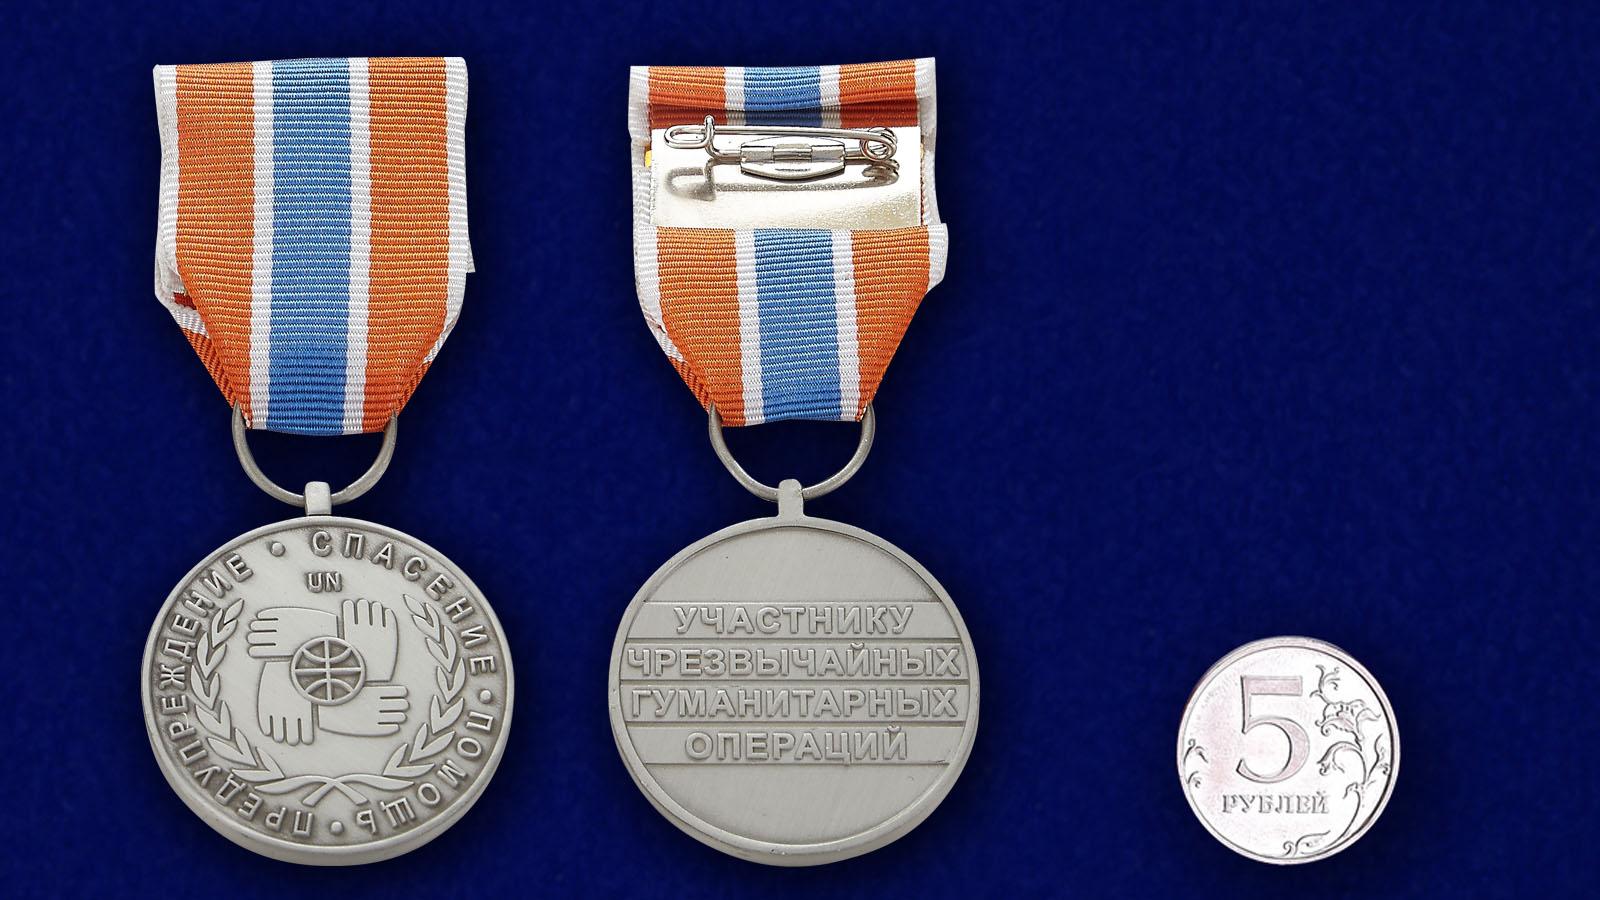 """Медаль МЧС """"Участнику чрезвычайных гуманитарных операций"""" - сравнительный вид"""